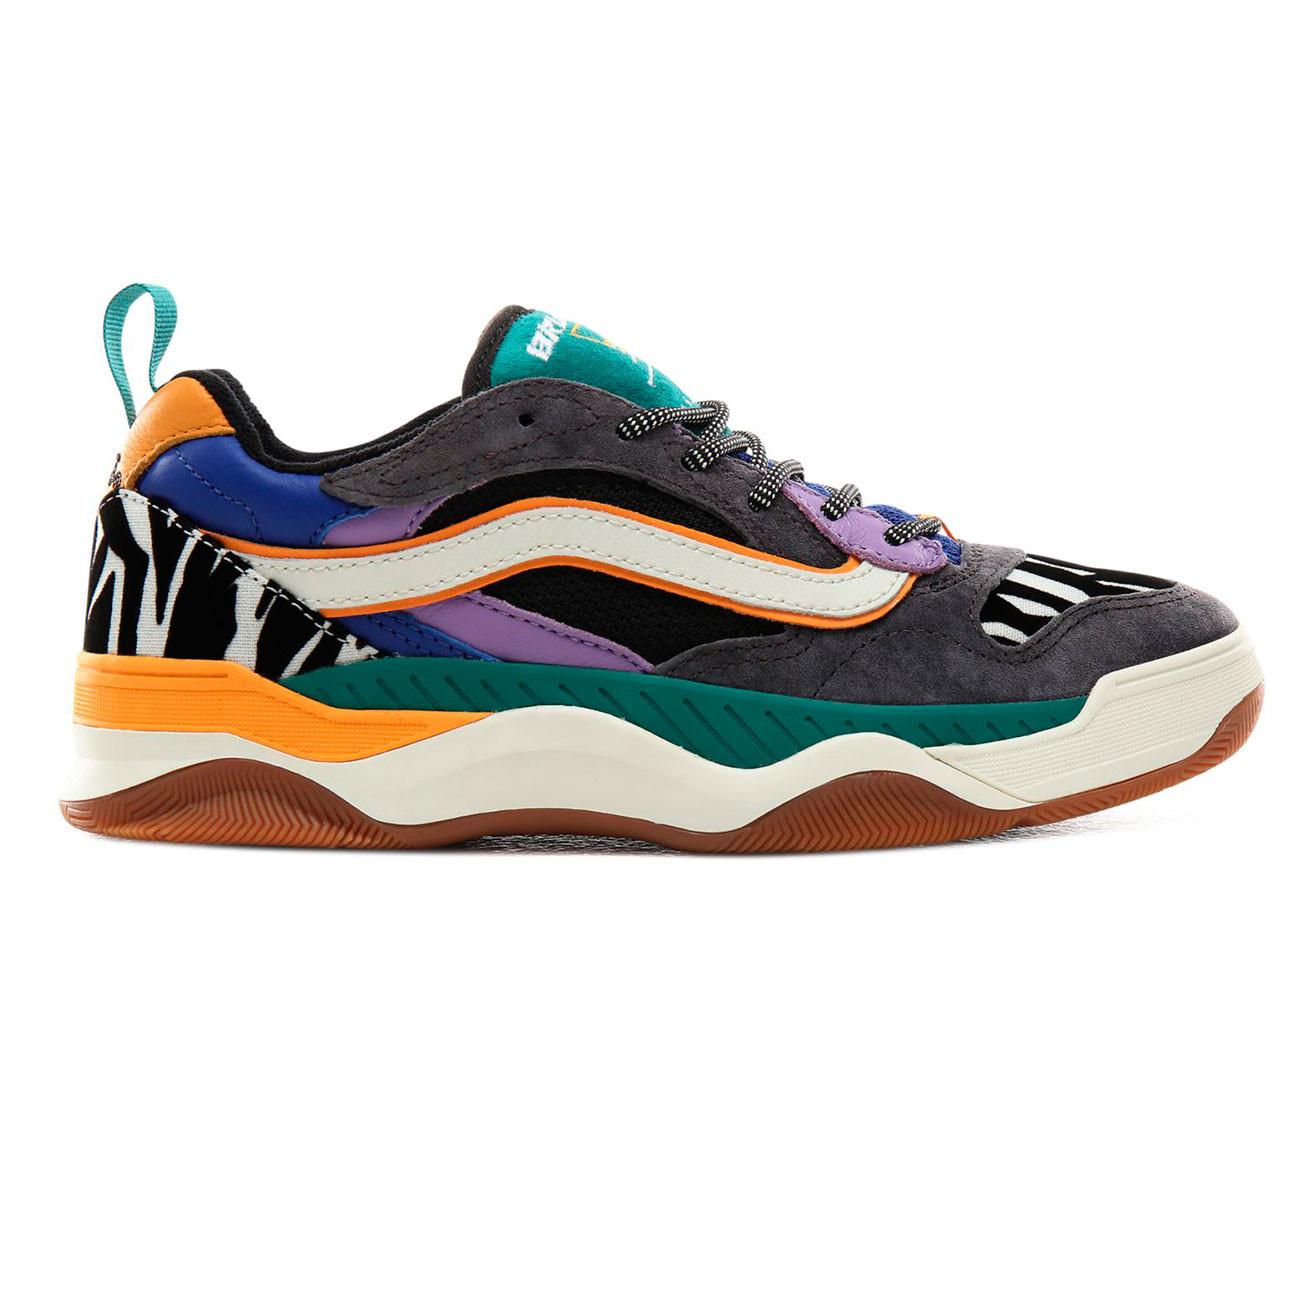 Sneakers Vans Brux WC zebra tidelpool